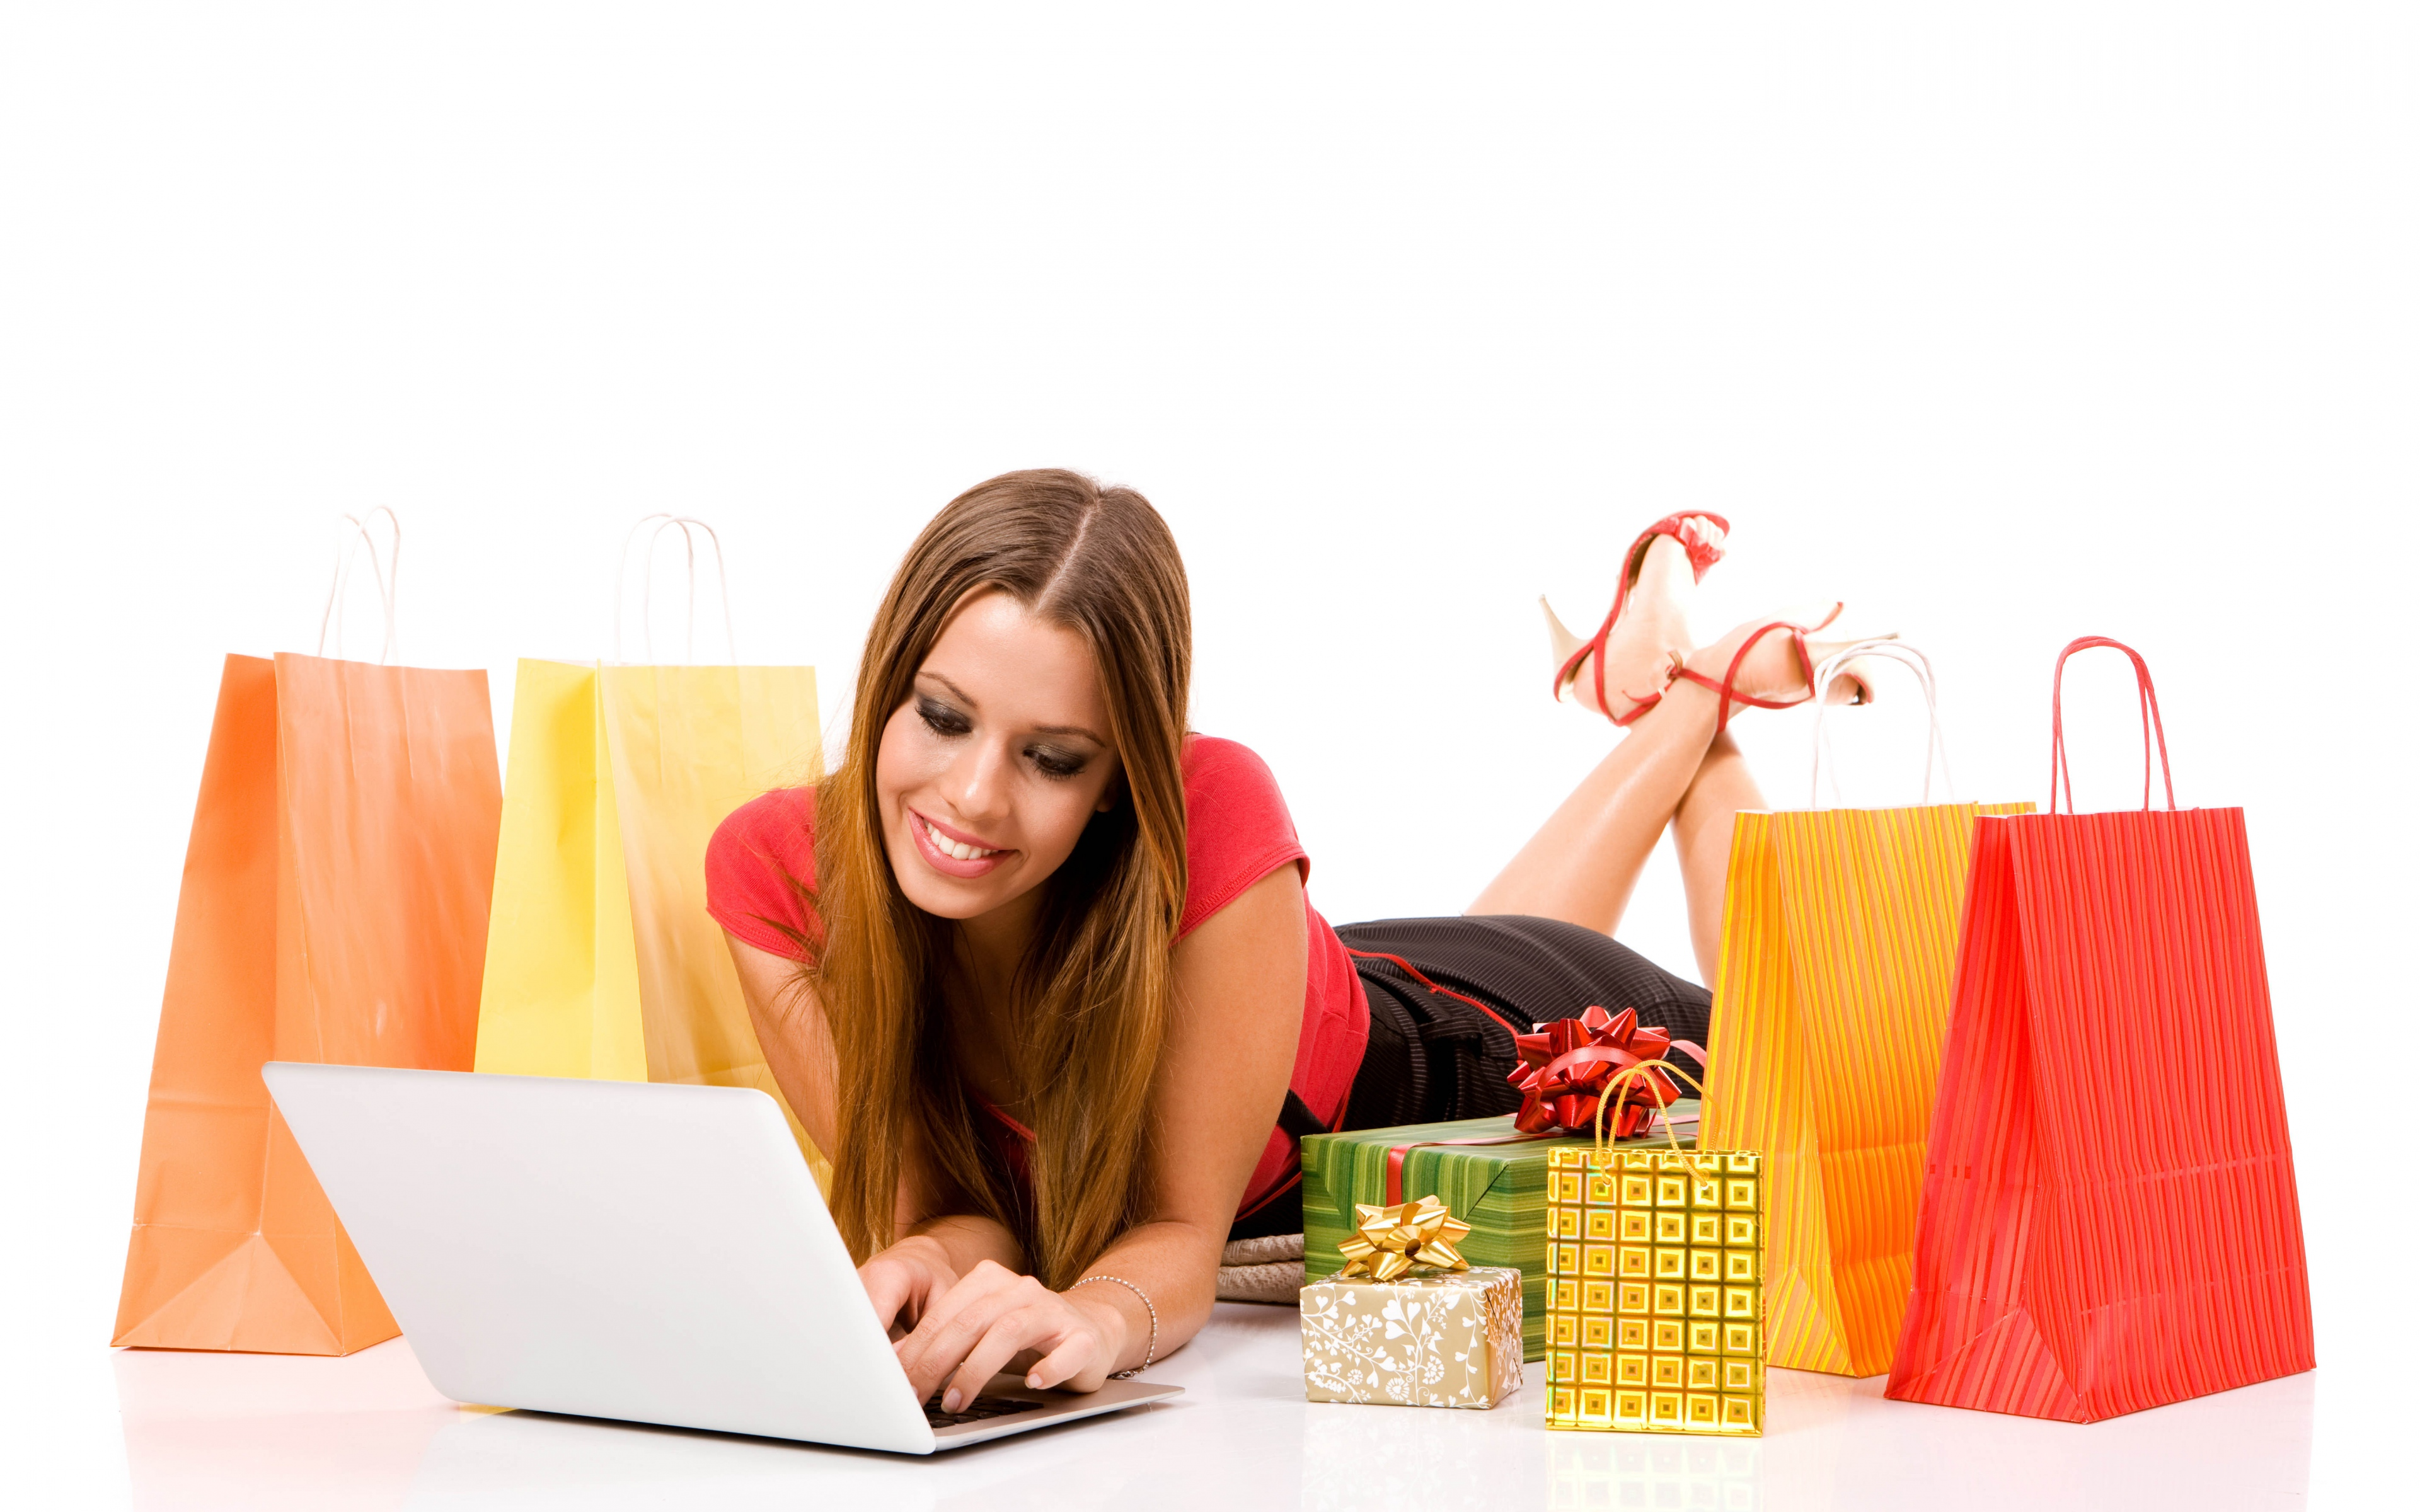 Но недавно на одном из ресурсов увидела рекламу магазина Allure Сosmetics с лицензированной профе